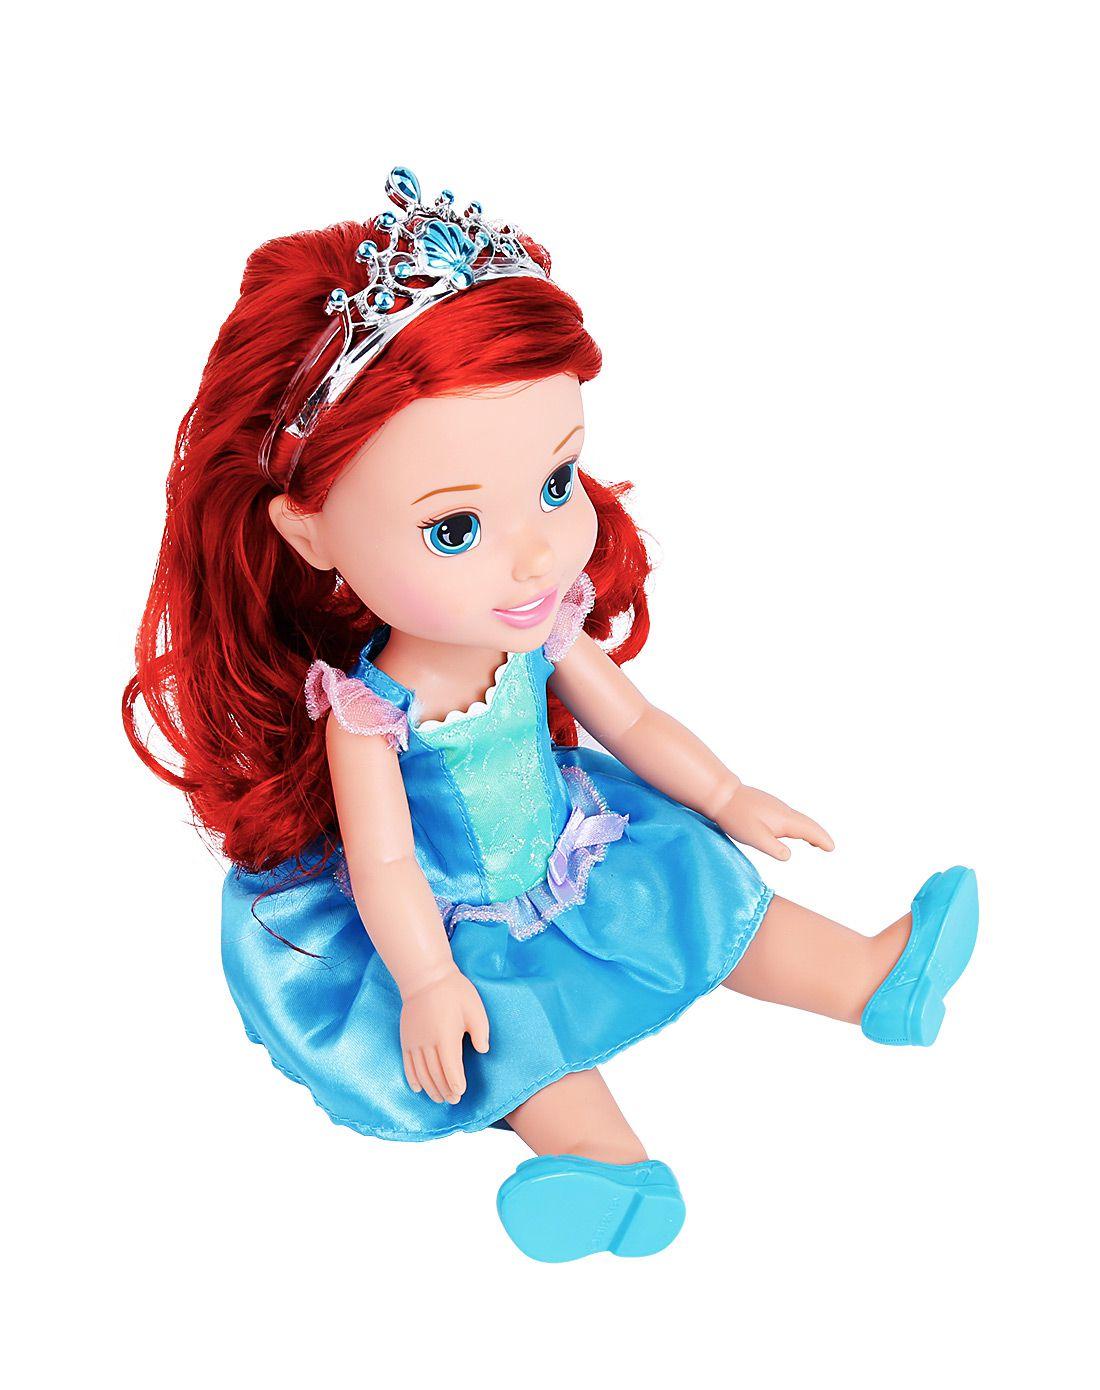 公主爱粉妆&王子diy玩具专场(混合)爱丽儿小公主娃娃